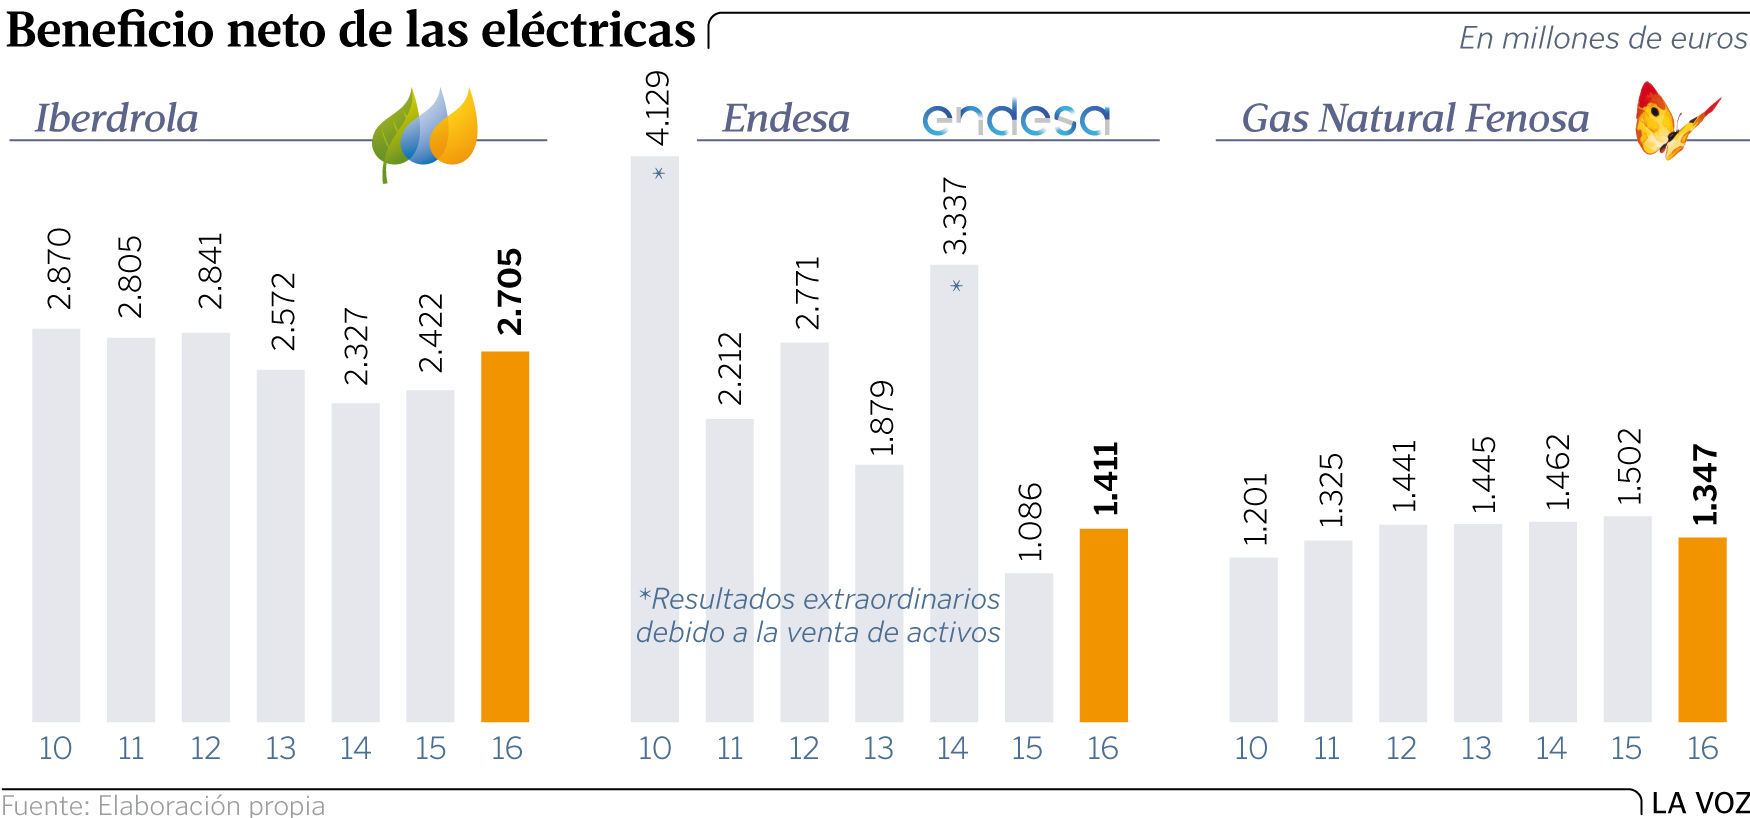 Electricidad, estafas y negocio$ en la factura. Oligopolios y precios. [Energía] - Página 6 Gf24p36g1-01